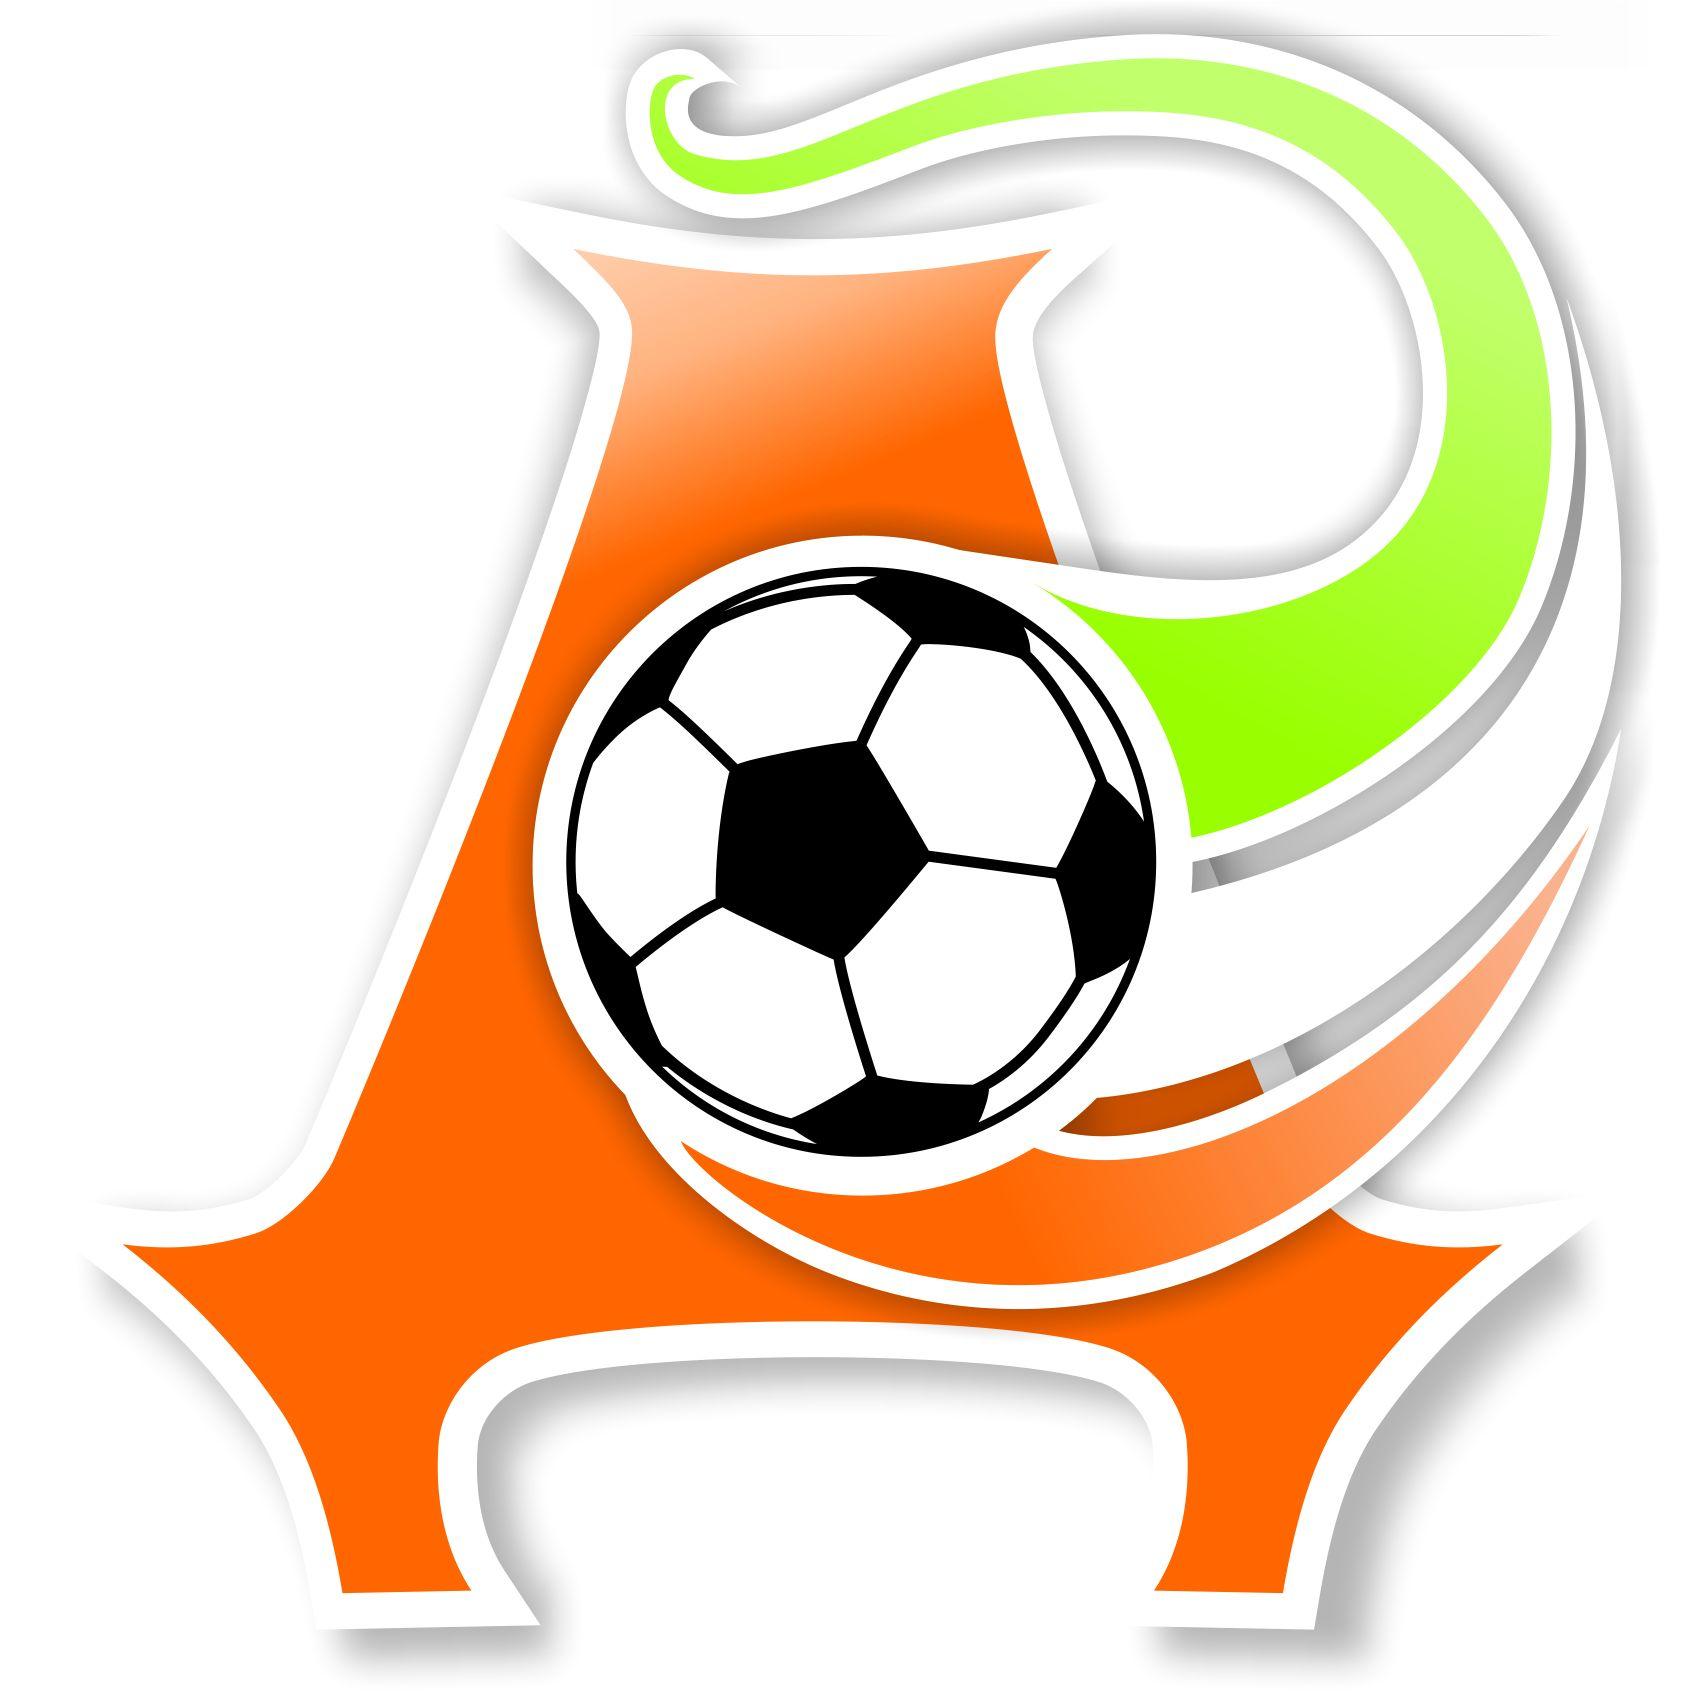 Логотип (Эмблема) для нового Футбольного клуба - дизайнер tritatuski